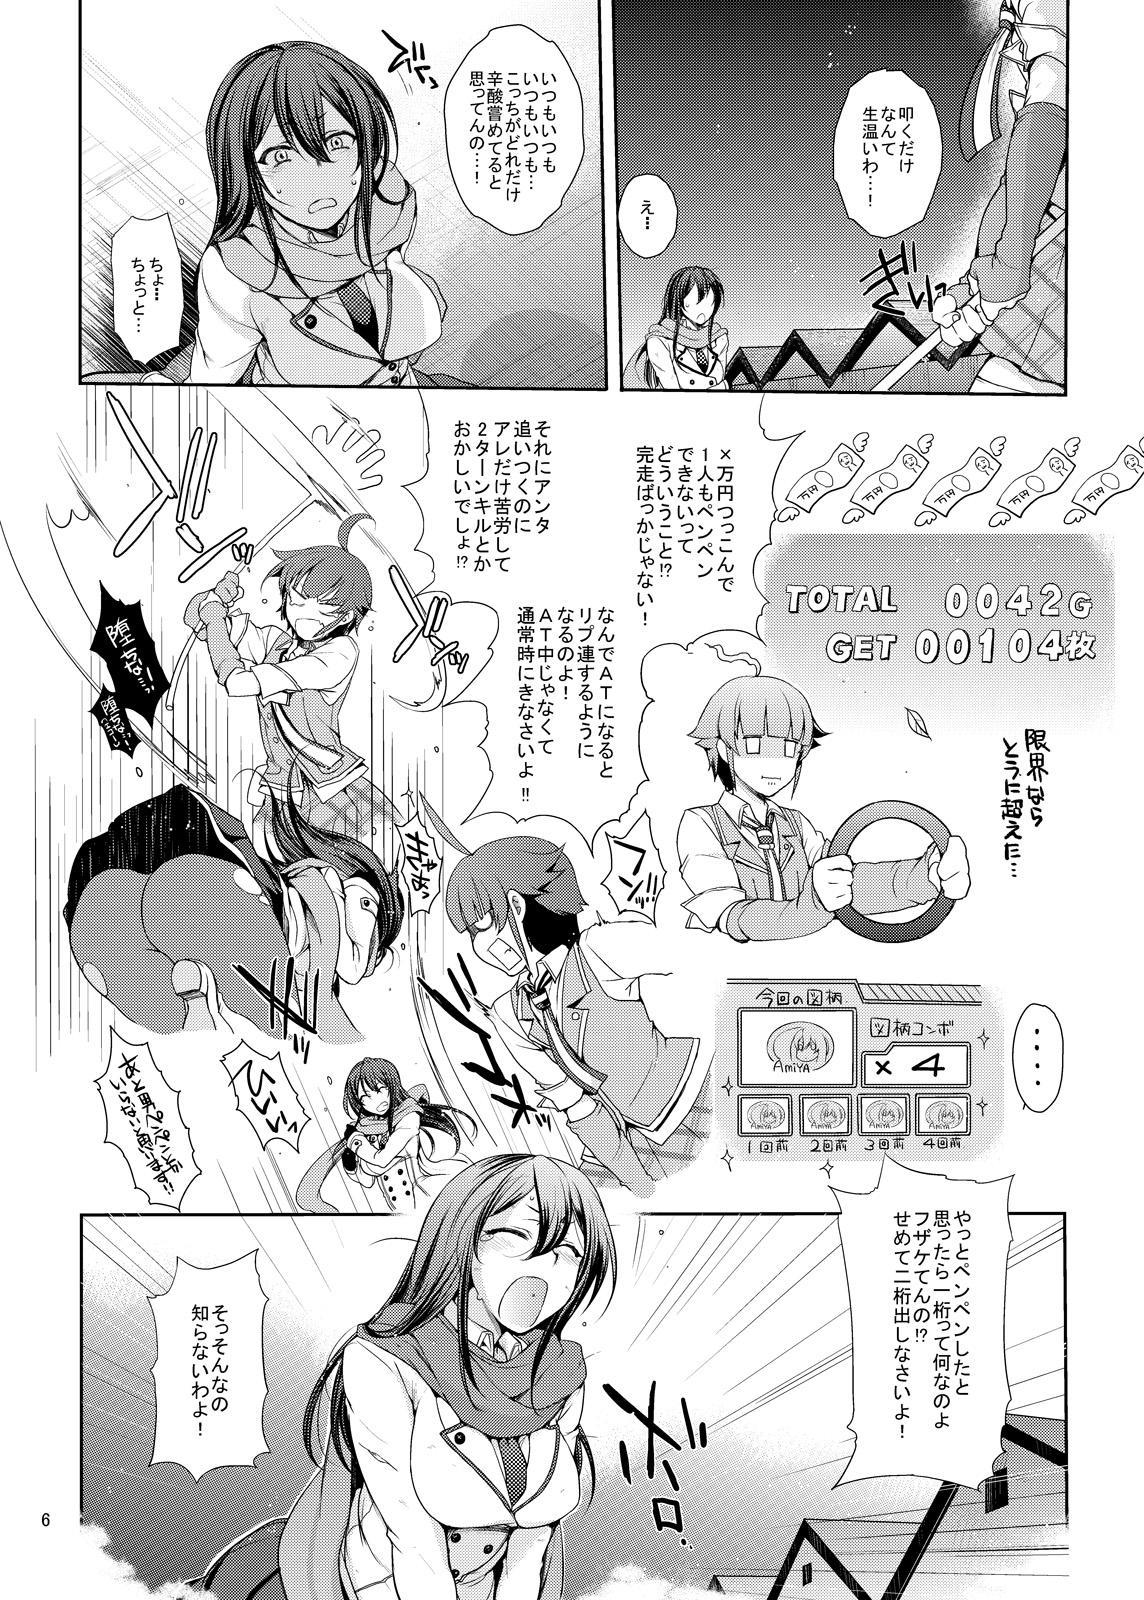 PachiSuro-kei Doujinshi Matome Pack 25